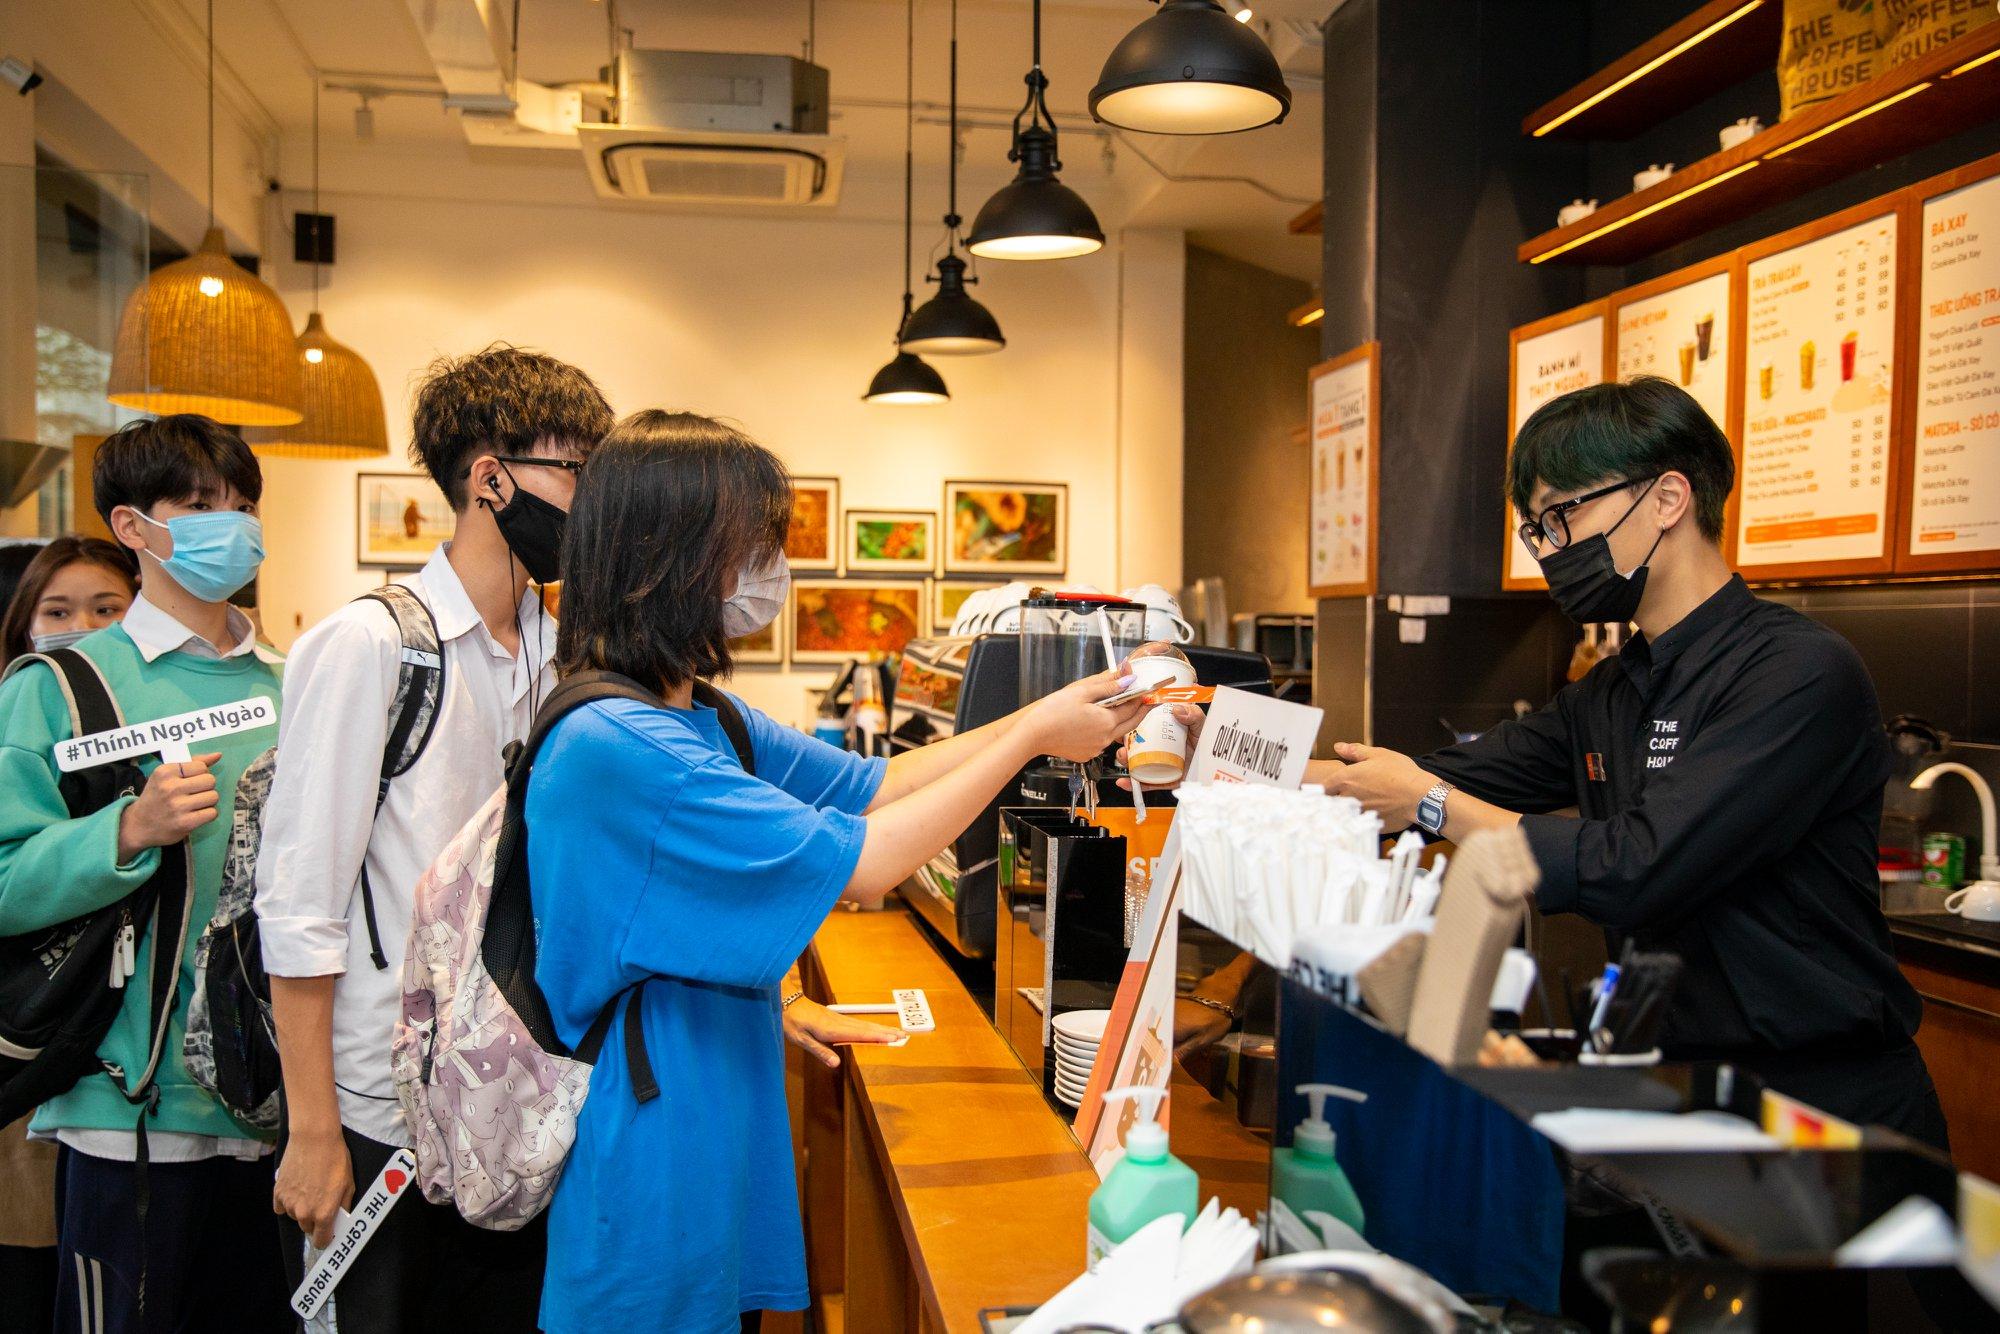 Khách hàng chờ thanh toán tại một cửa hàng The Coffee House, tháng 4/2021. Ảnh: Fanpage The Coffee House